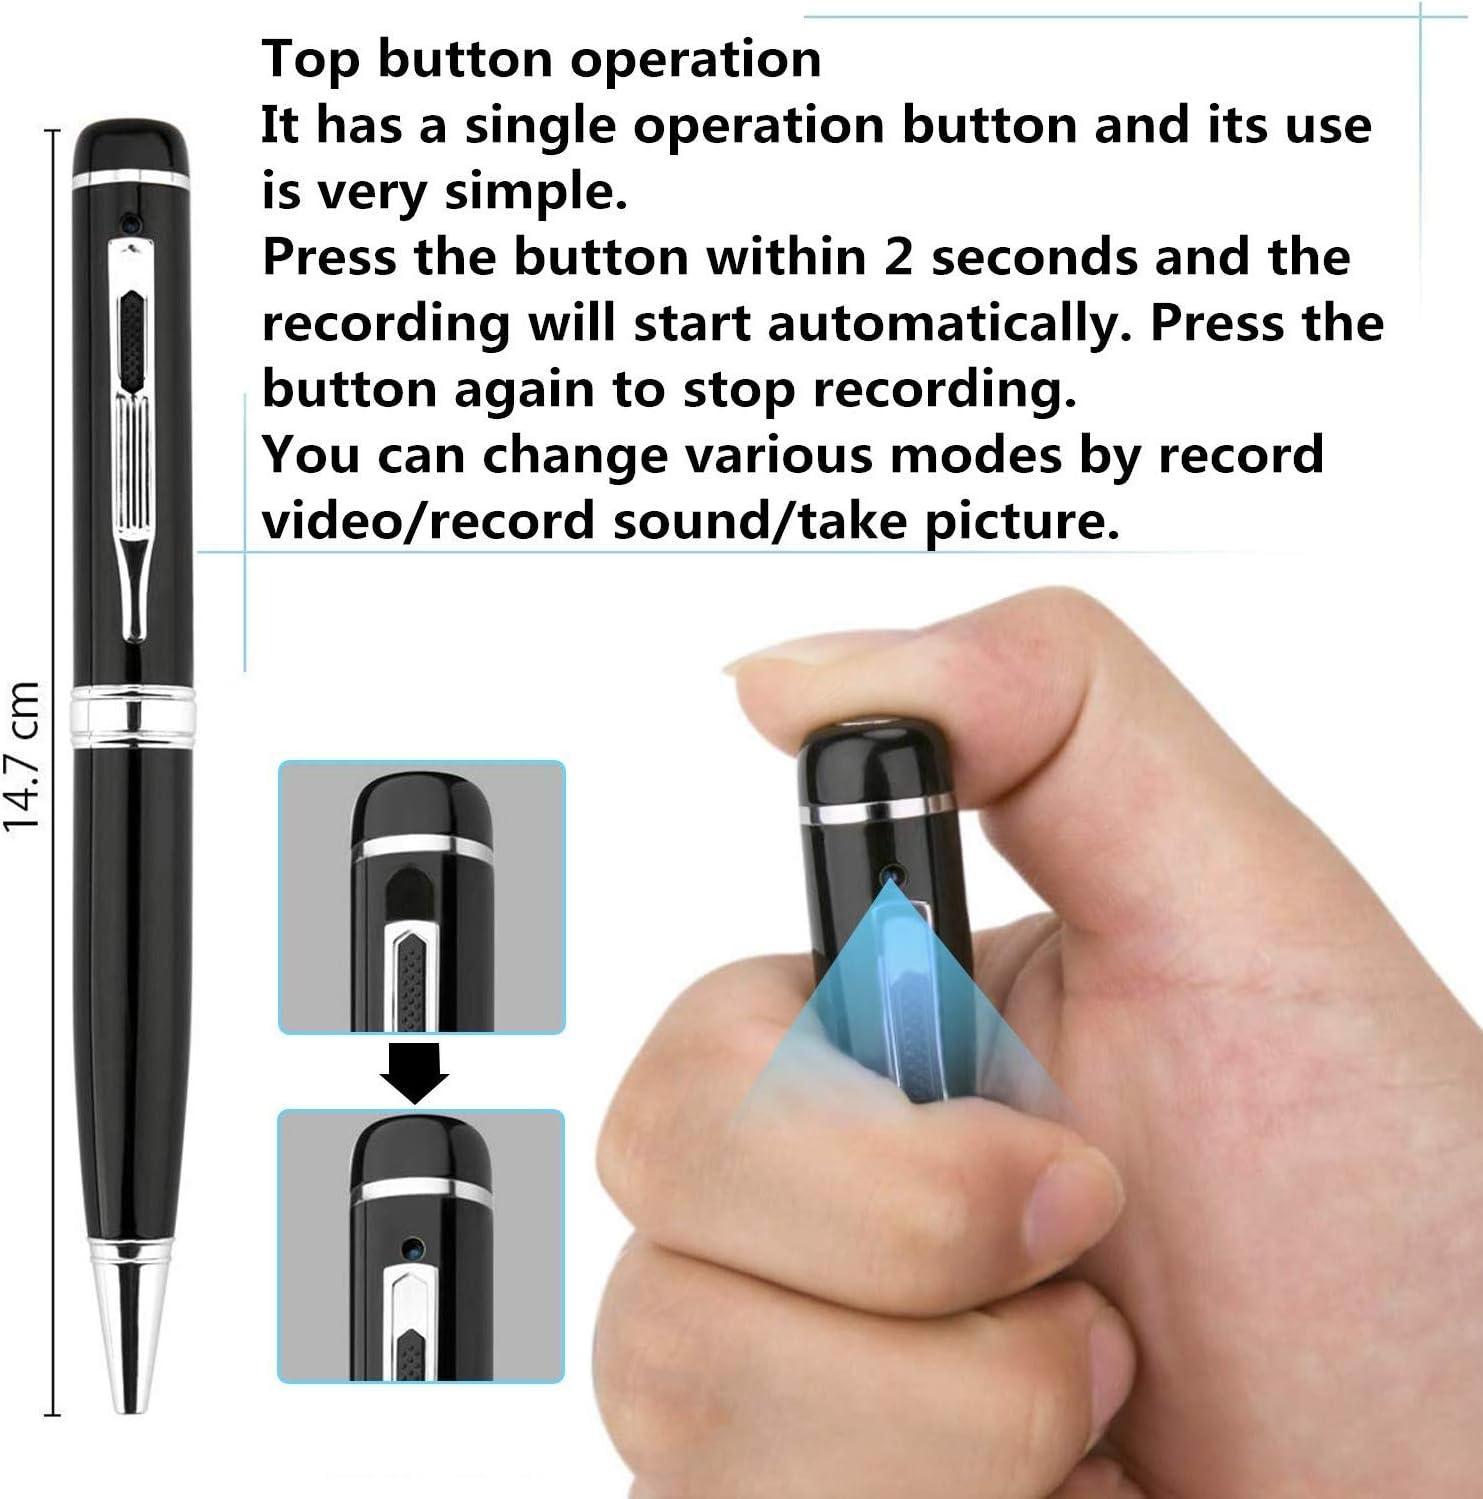 kostenlose 16 GB Micro SD eingebaut und Micro SD Reader /& 5 Tinte f/üllt Inc Versteckte Stift Kamera 1080p Real HD Cover Objektiv Pen Cam Voice und Bild Executive Multifunktions-DVR MEHRWEG